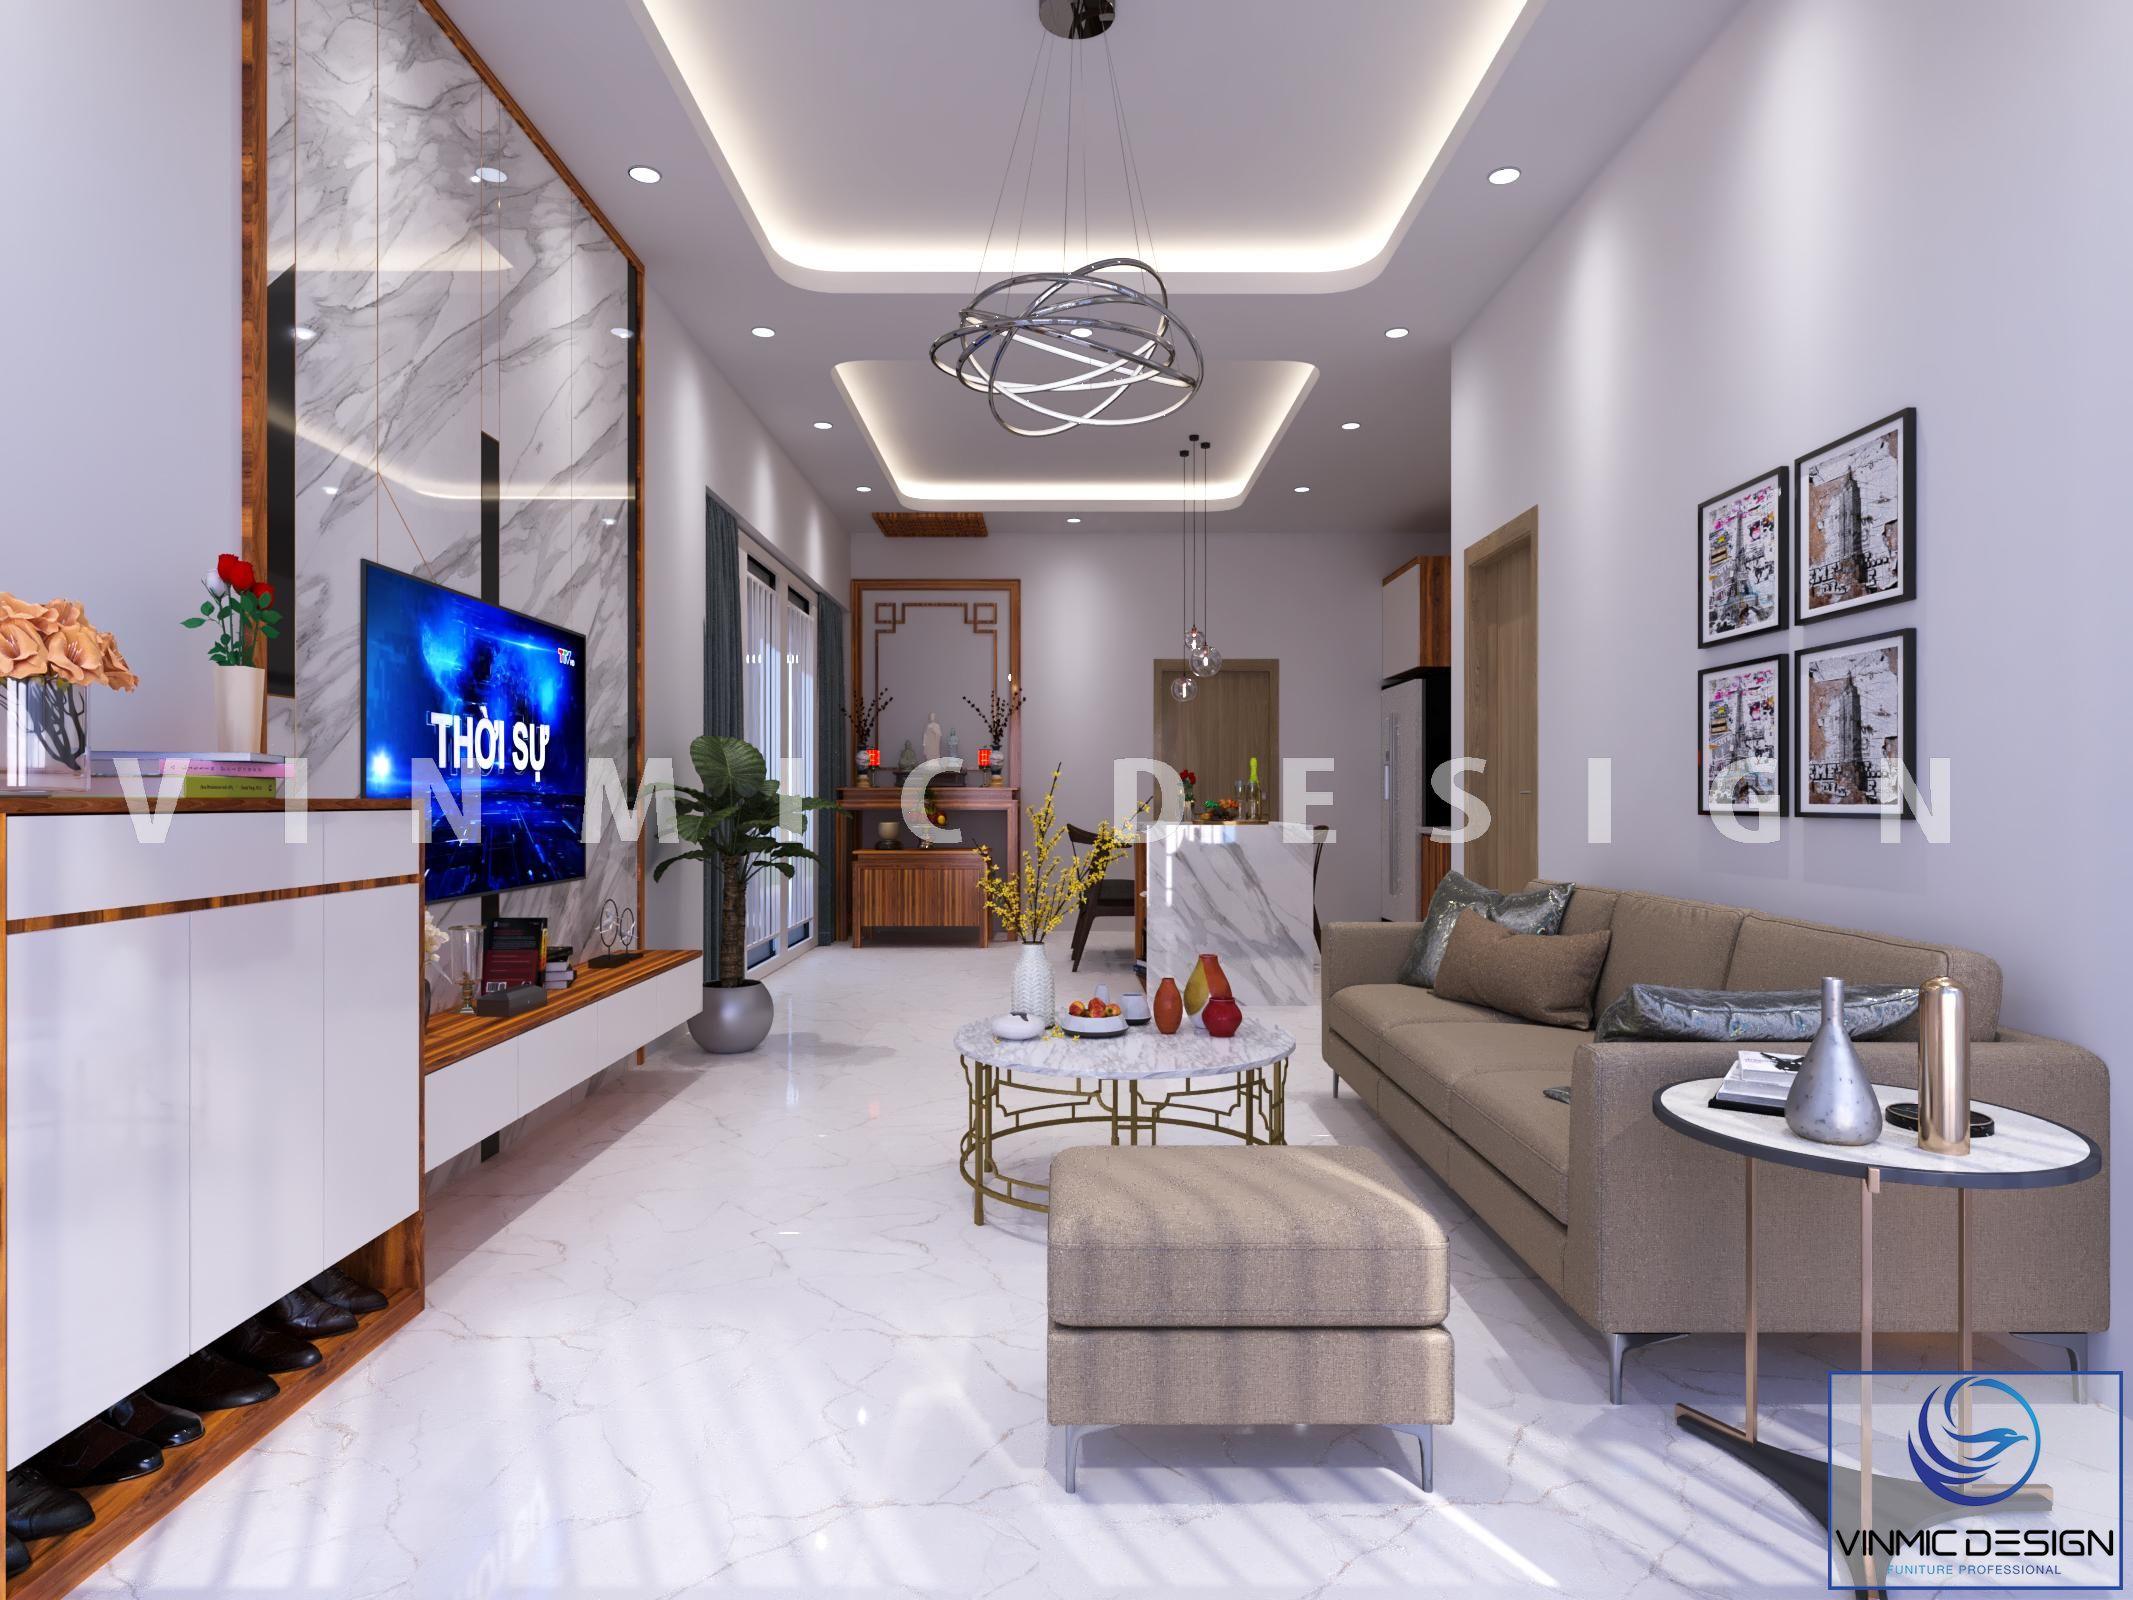 Thiết kế nội thất nhà vườn đẹp tại phố Kim Sơn – Ninh Bình